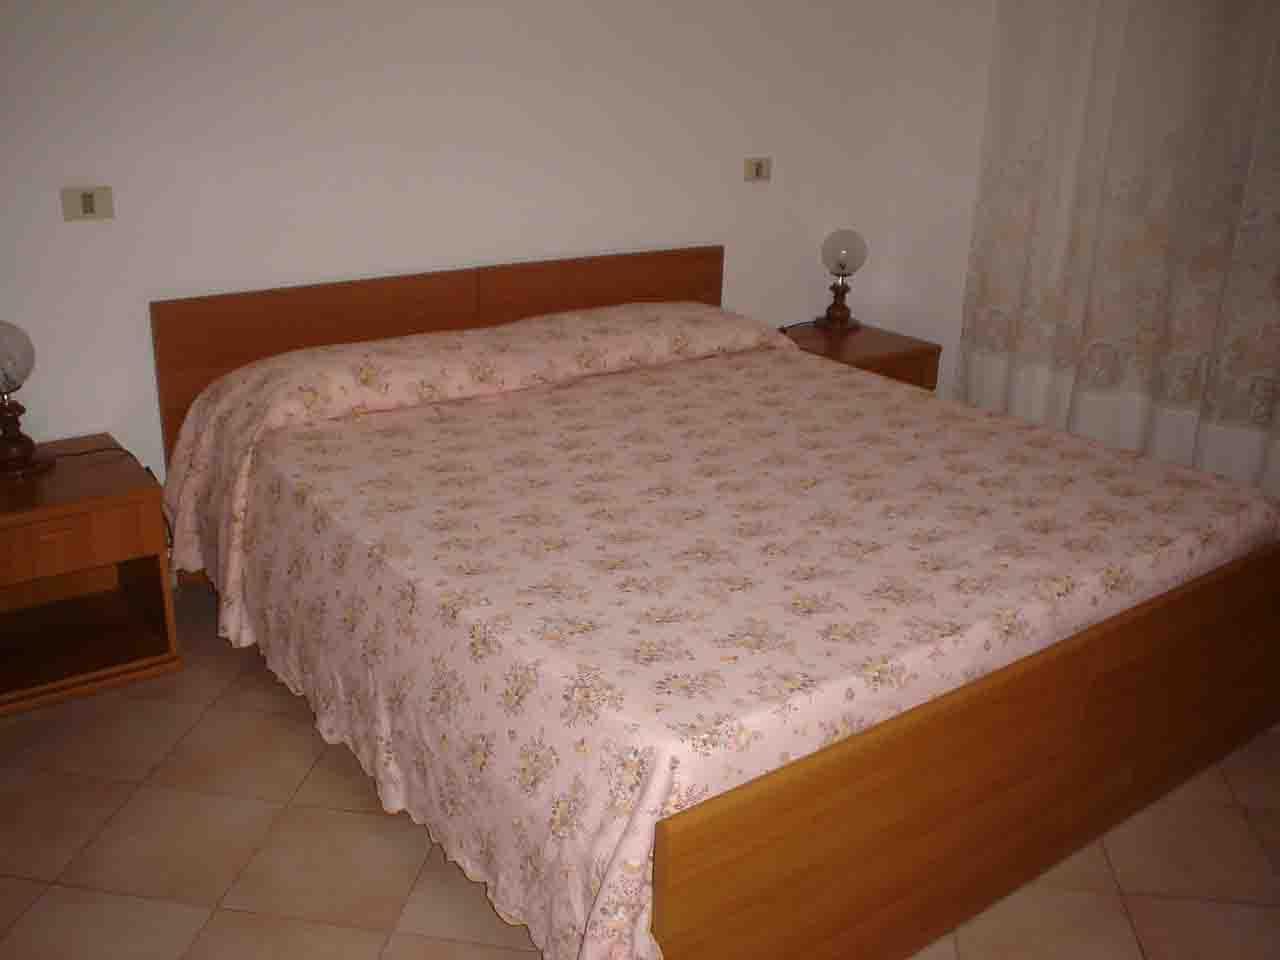 Appartamento bilocale vicino alla Piazza di Giglio Castello (4 posti letto)rif. FIORENZOSX